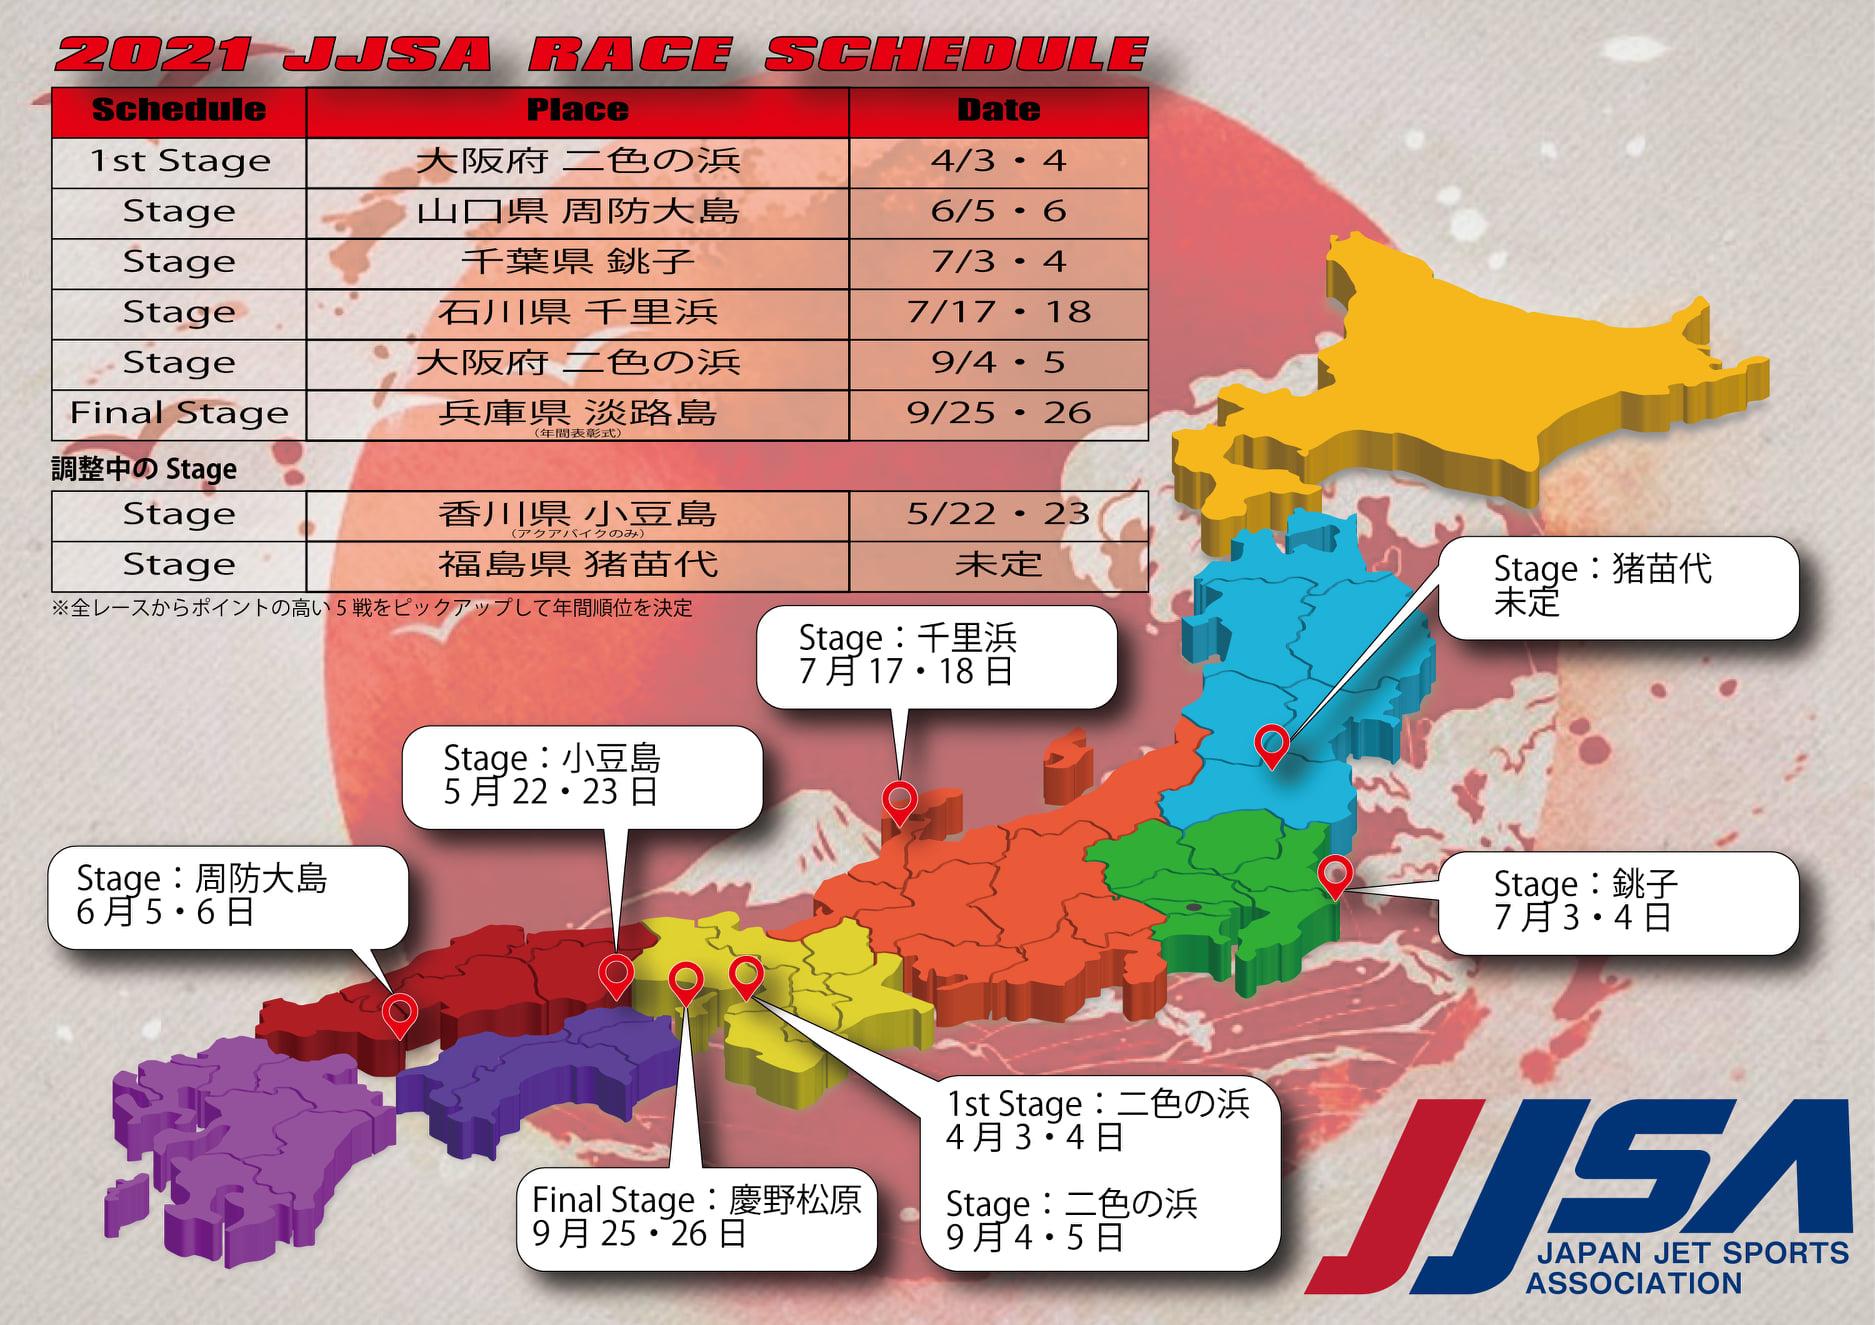 JJSAレーススケジュール